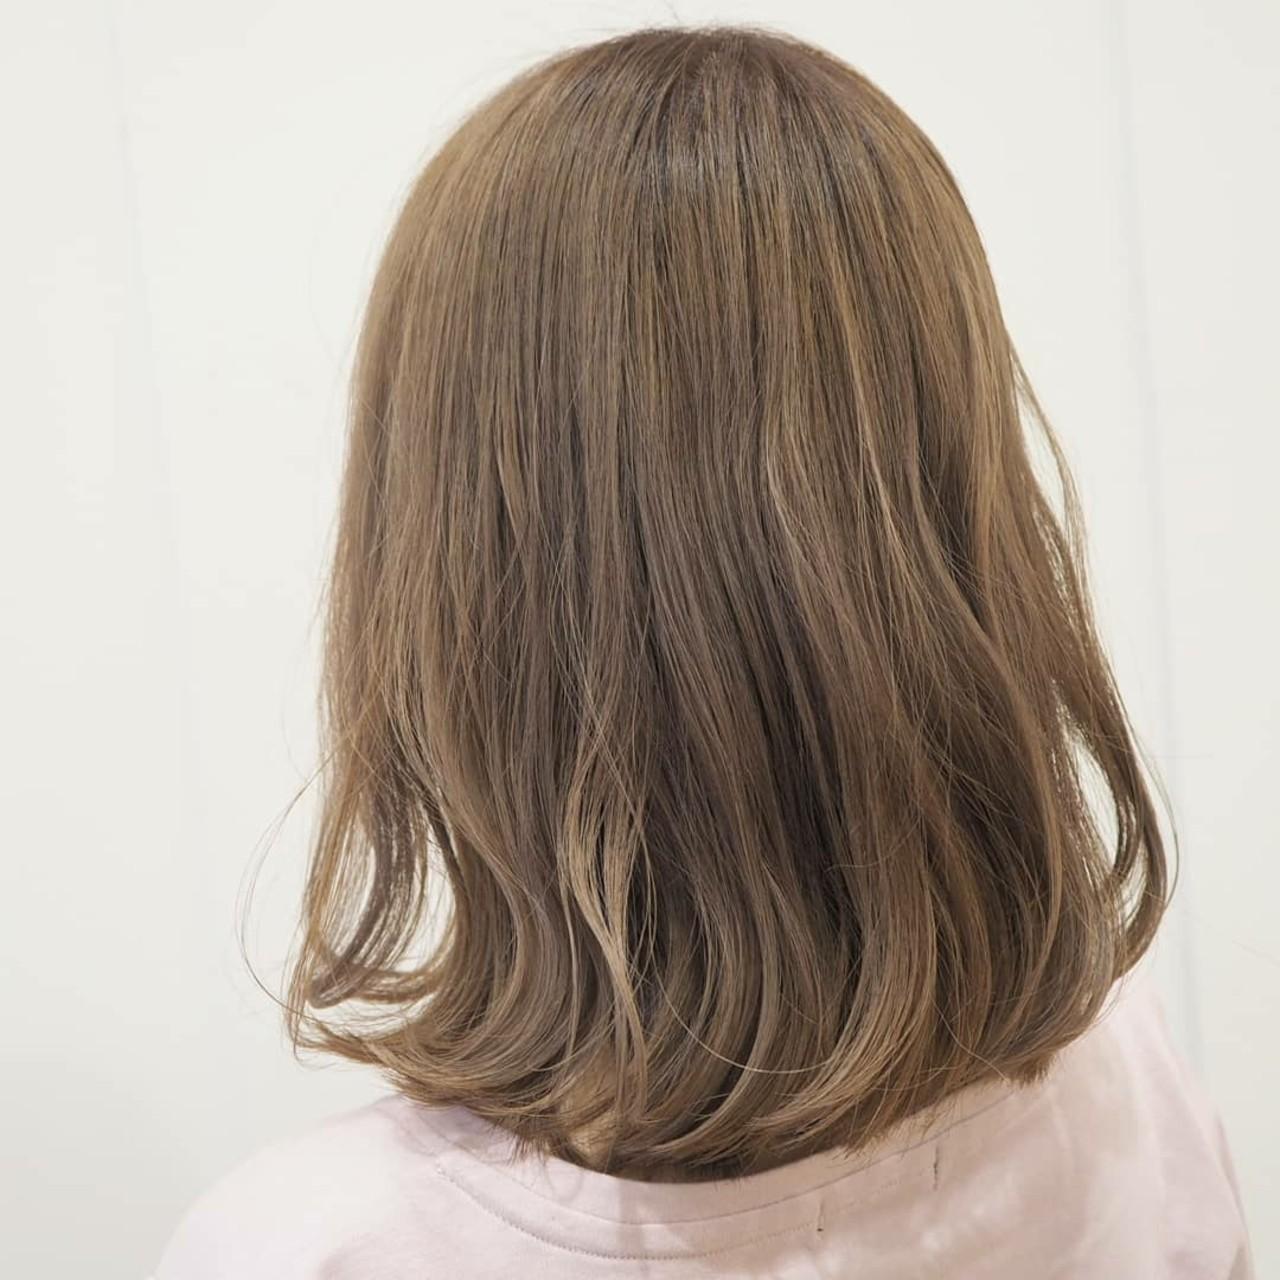 ベージュ ミルクティーベージュ ナチュラル 透明感 ヘアスタイルや髪型の写真・画像